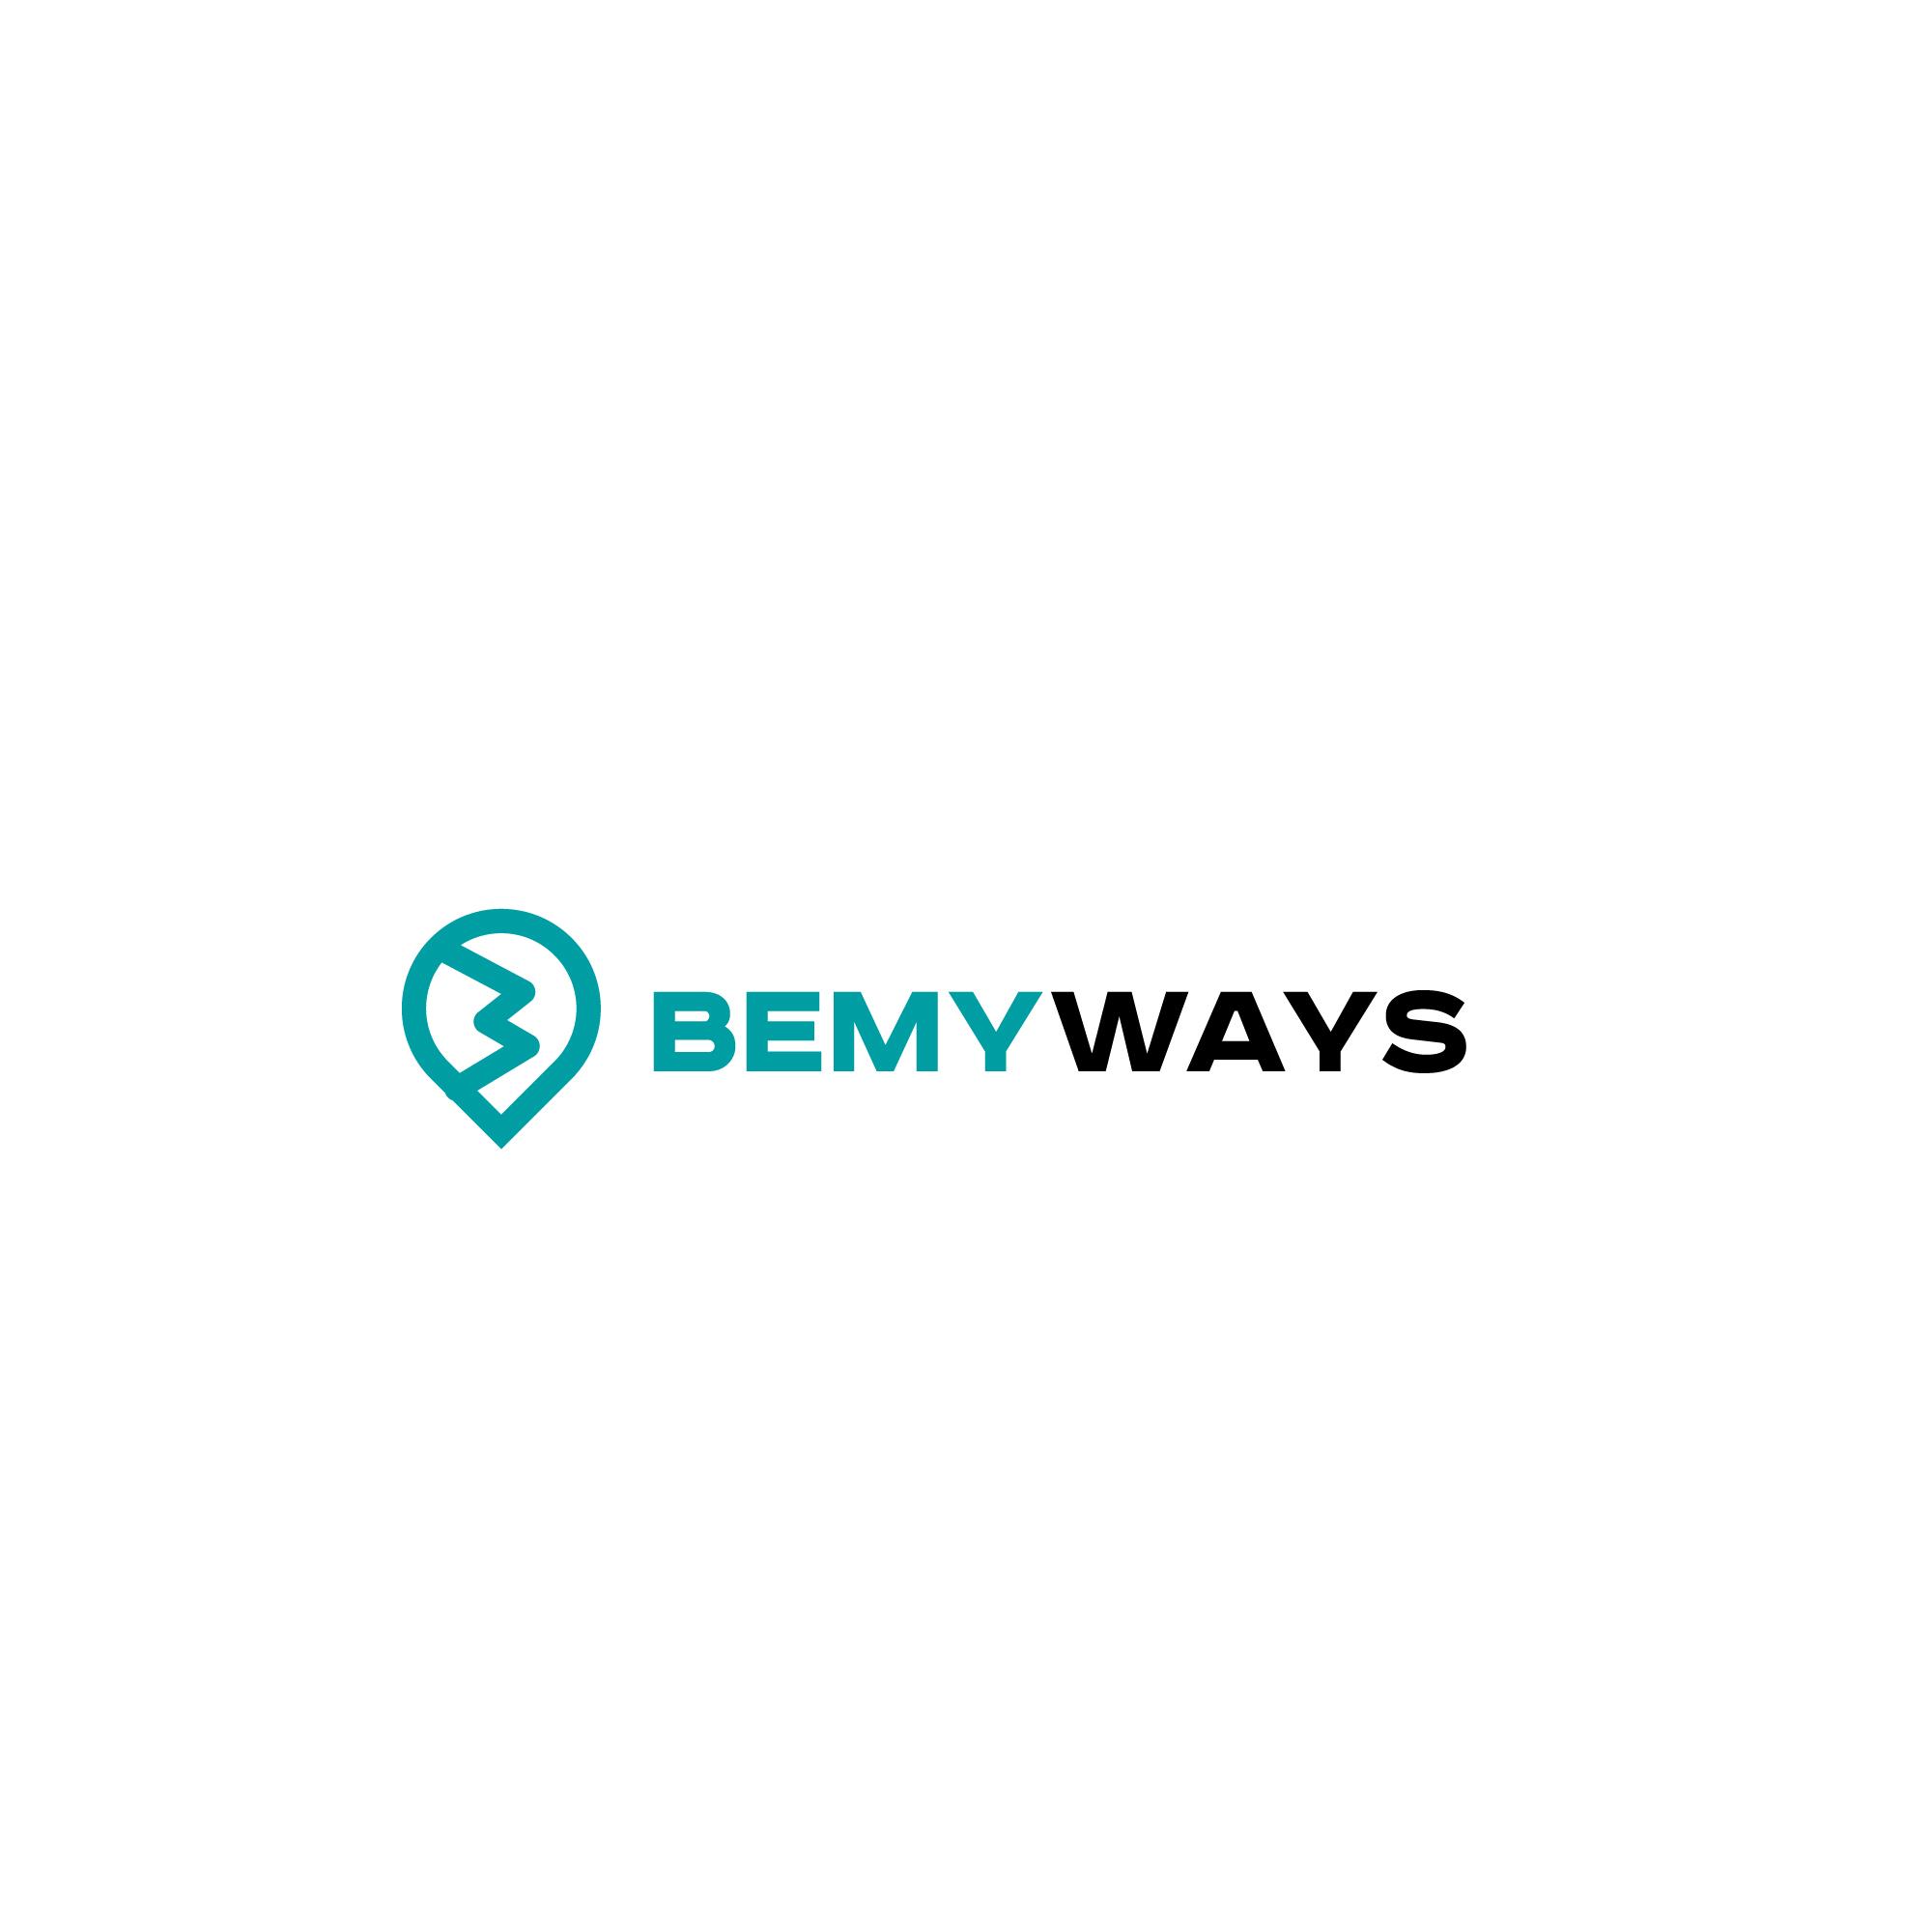 Разработка логотипа и иконки для Travel Video Platform фото f_7755c38c2278f847.jpg